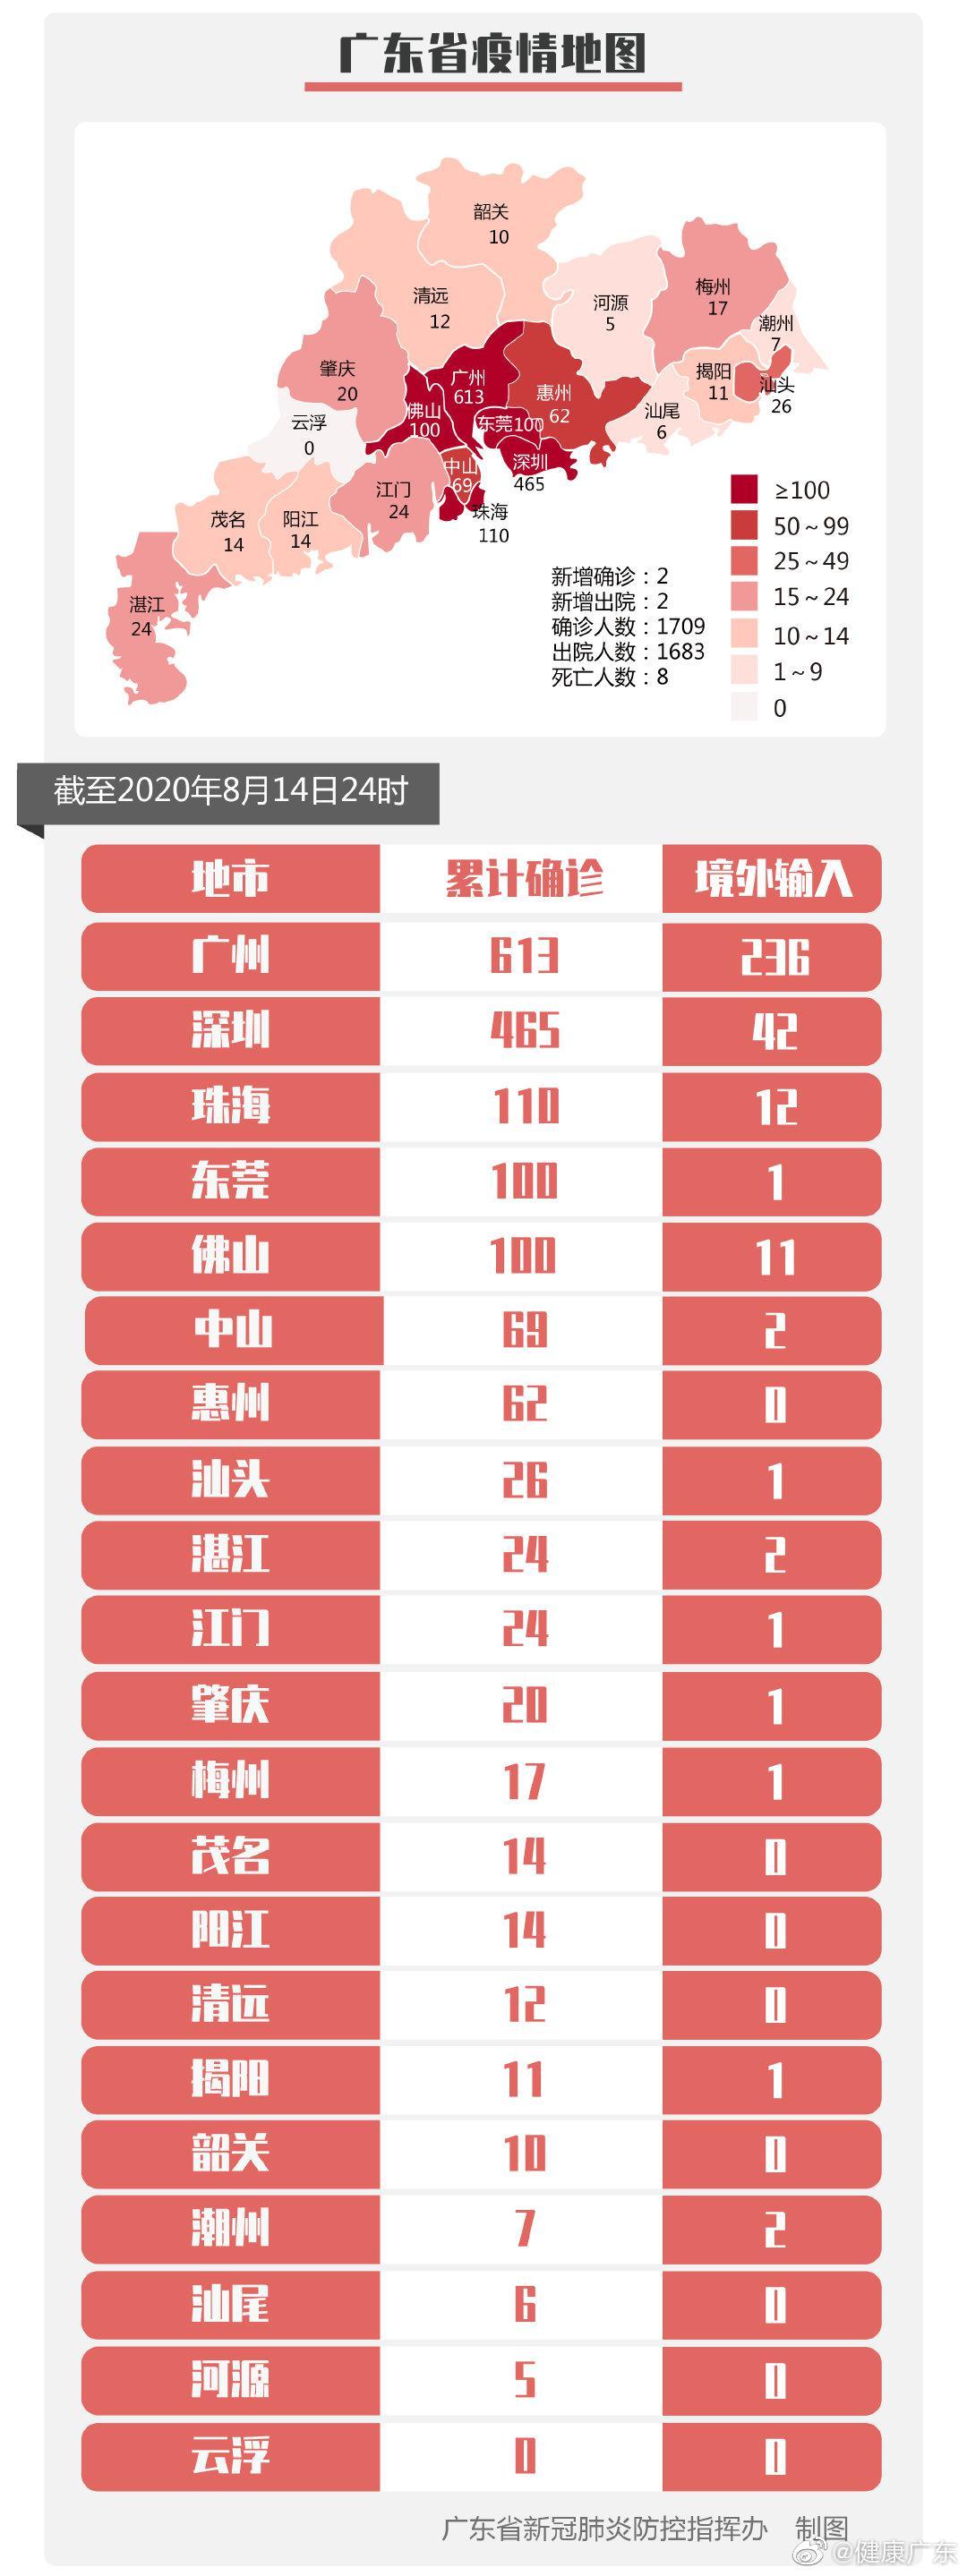 广东14日新增本土病例1例 境外输入病例1例